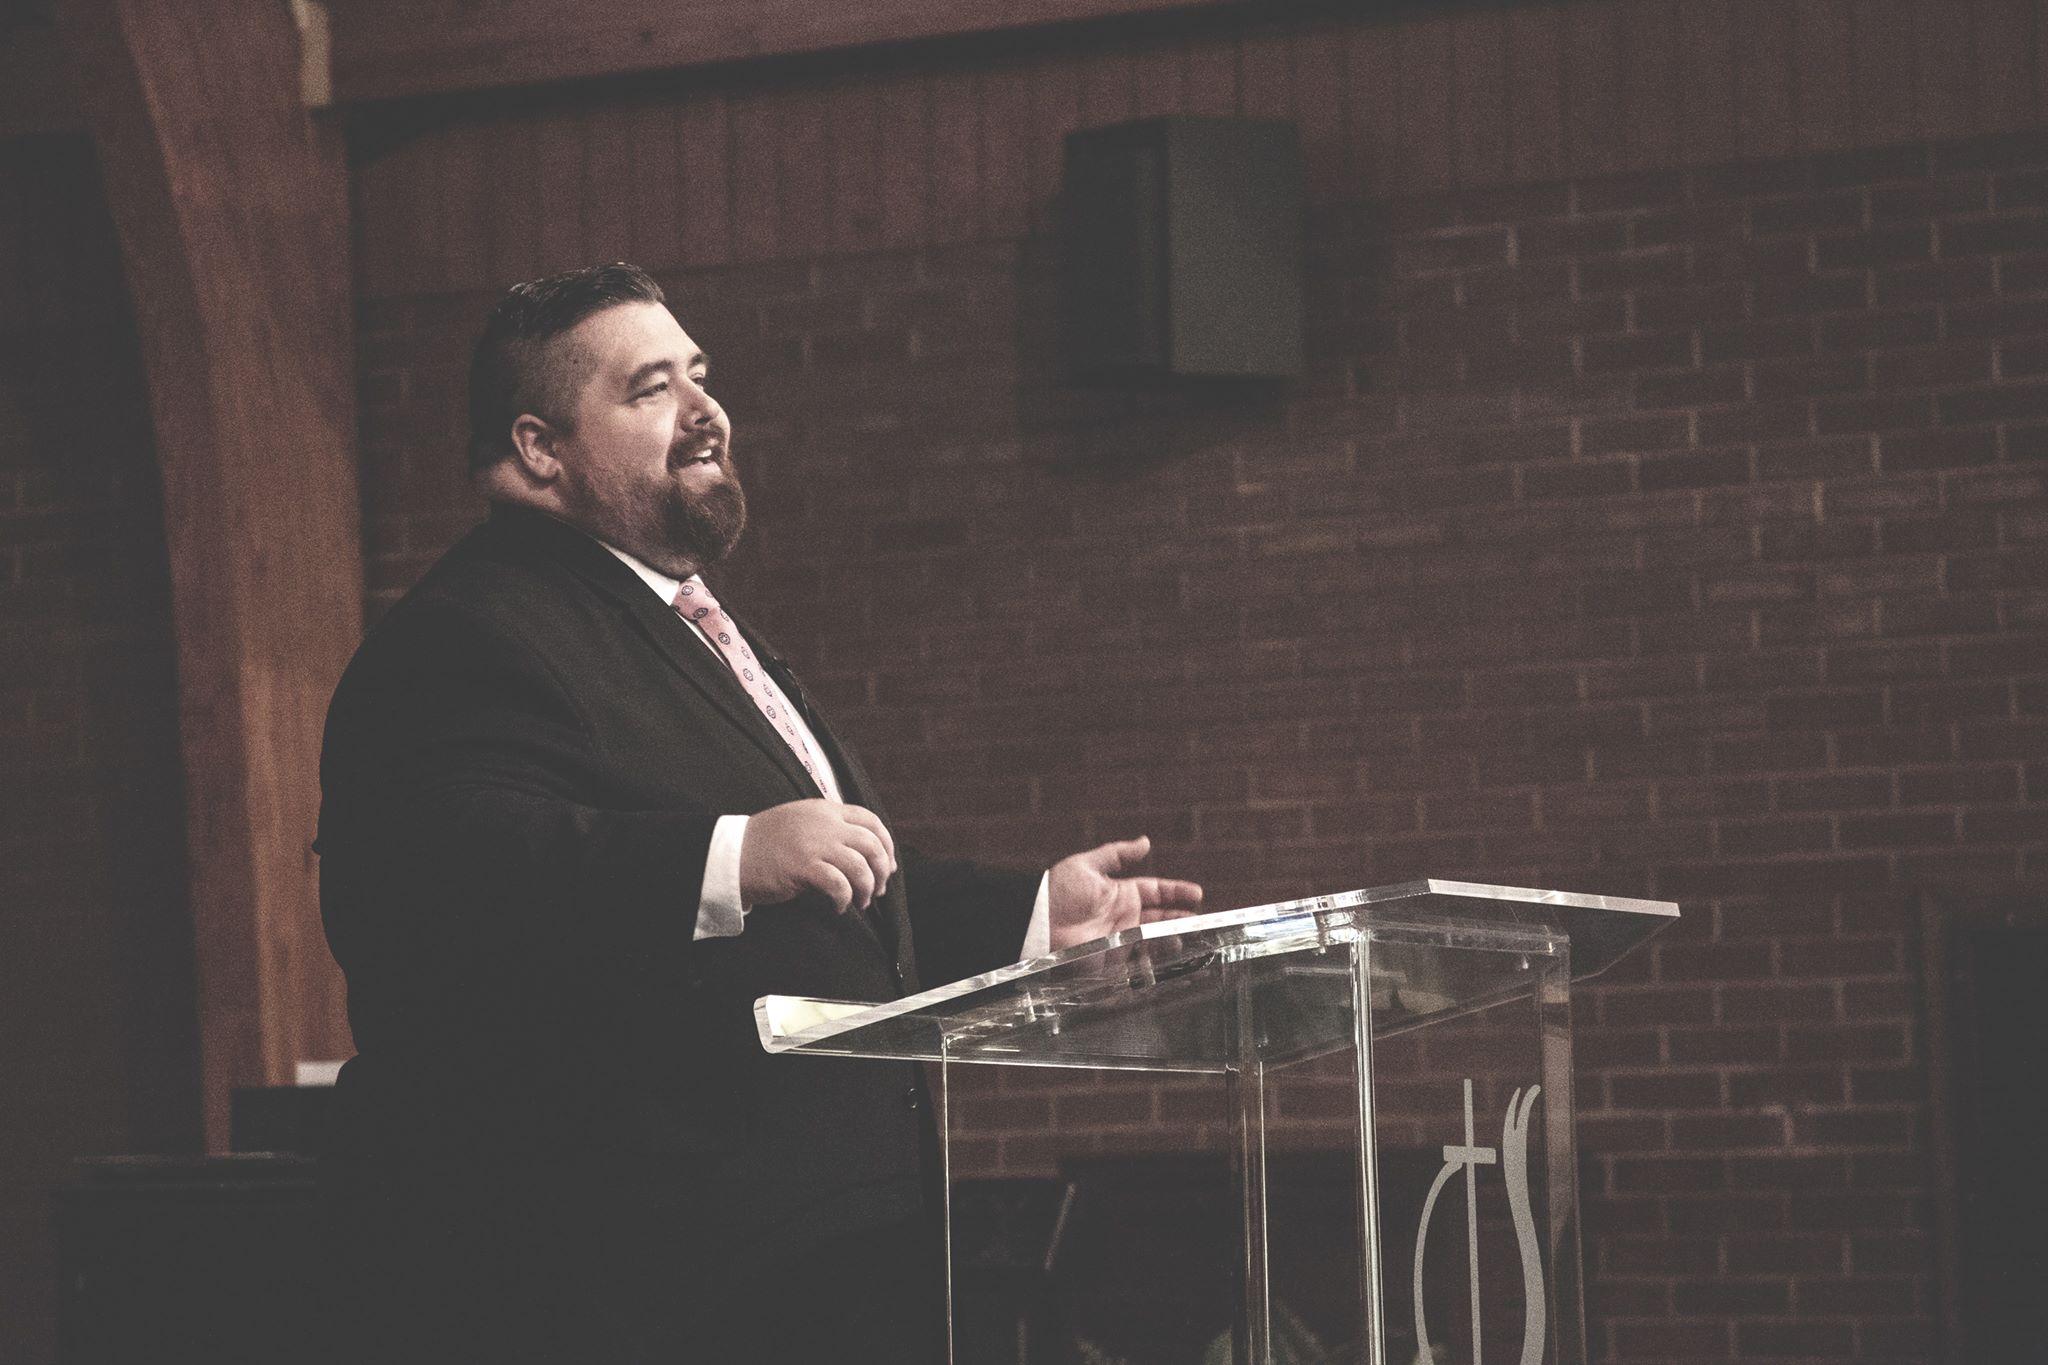 pastorConley's blog